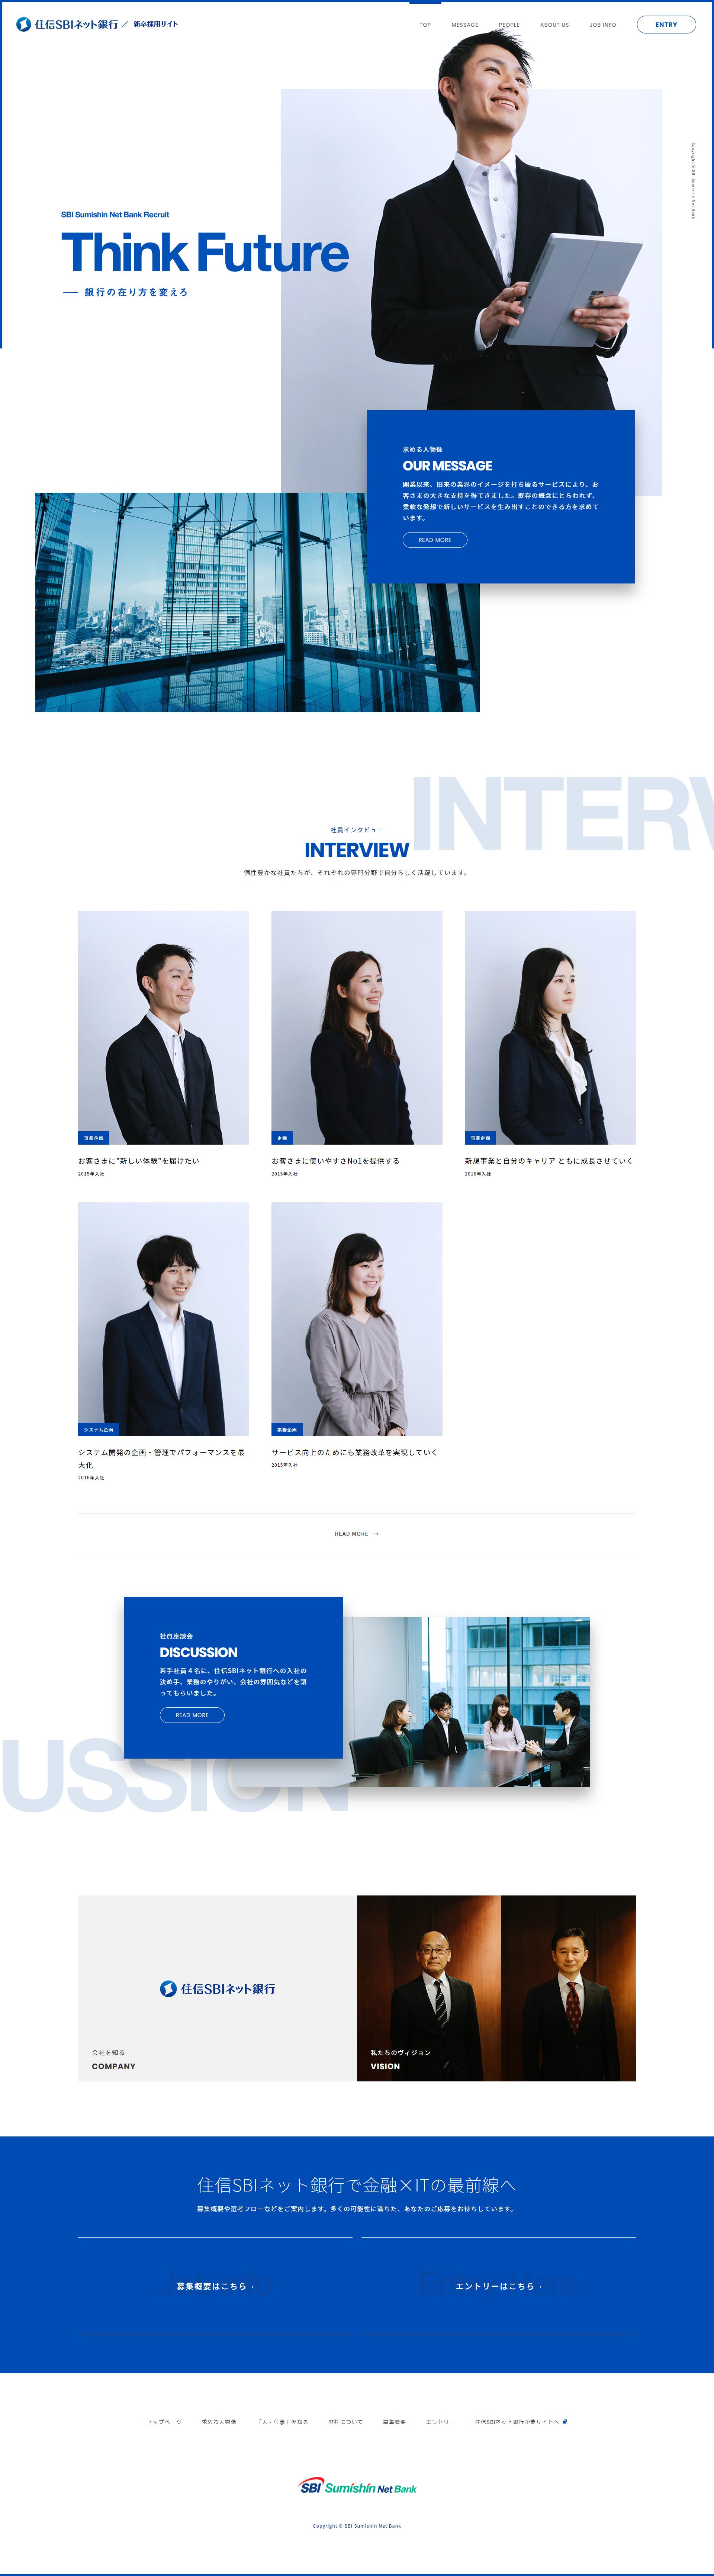 住信sbiネット銀行 新卒採用サイト 採用サイト パンフレット デザイン コーポレートサイト デザイン